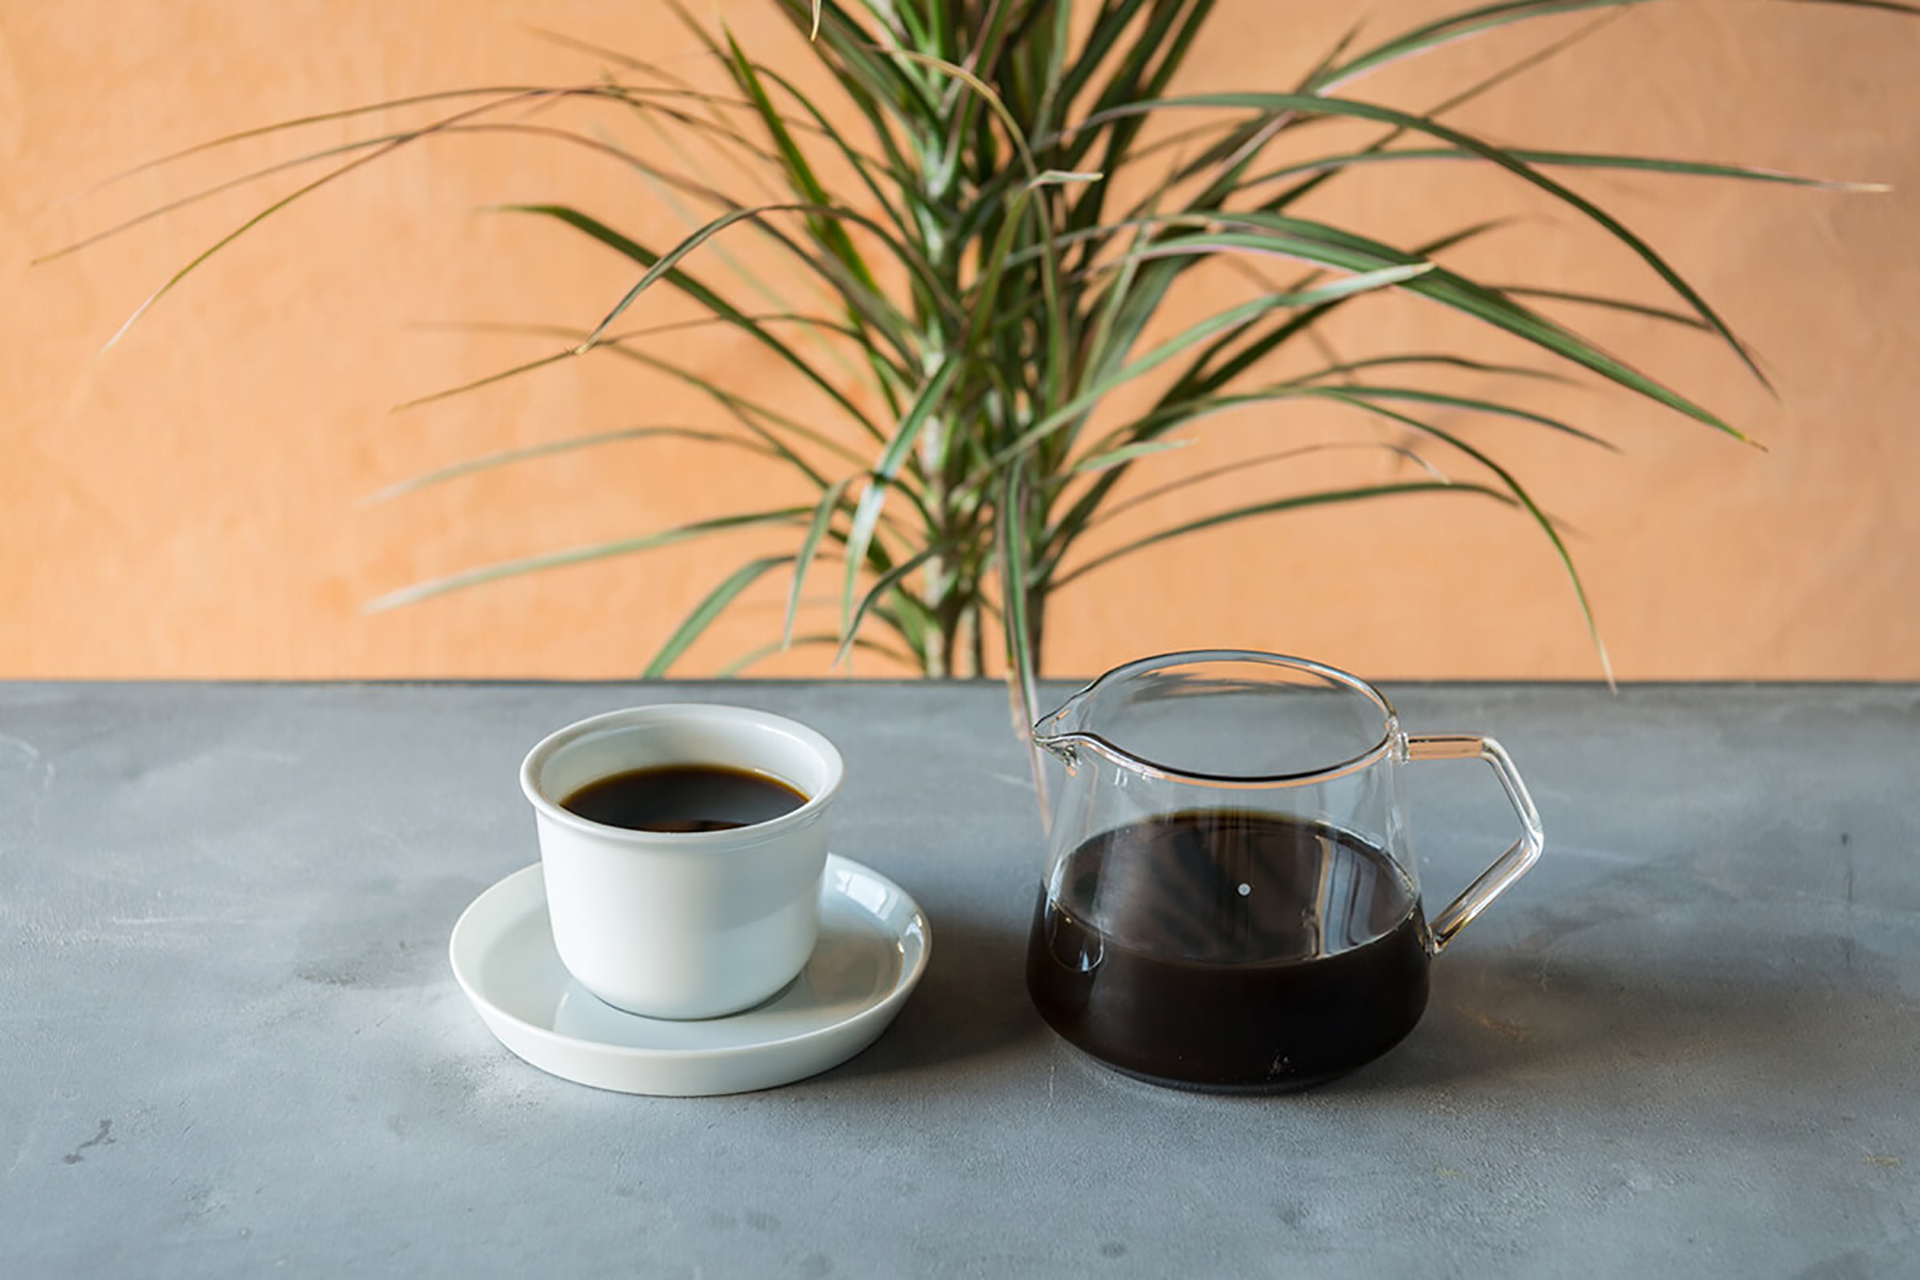 プライベート・ビーチ・クラブで提供されるコーヒー